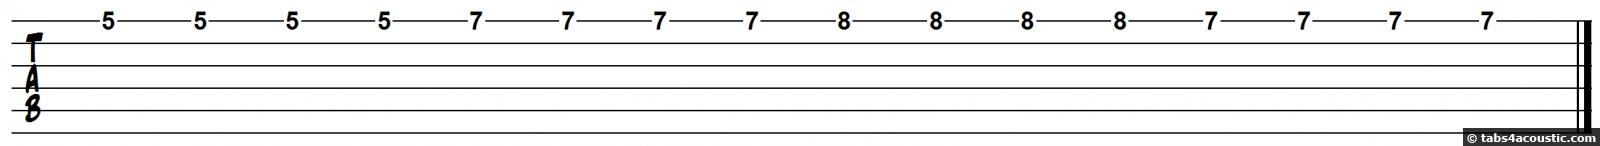 Deuxième exercice, quatre coups par note